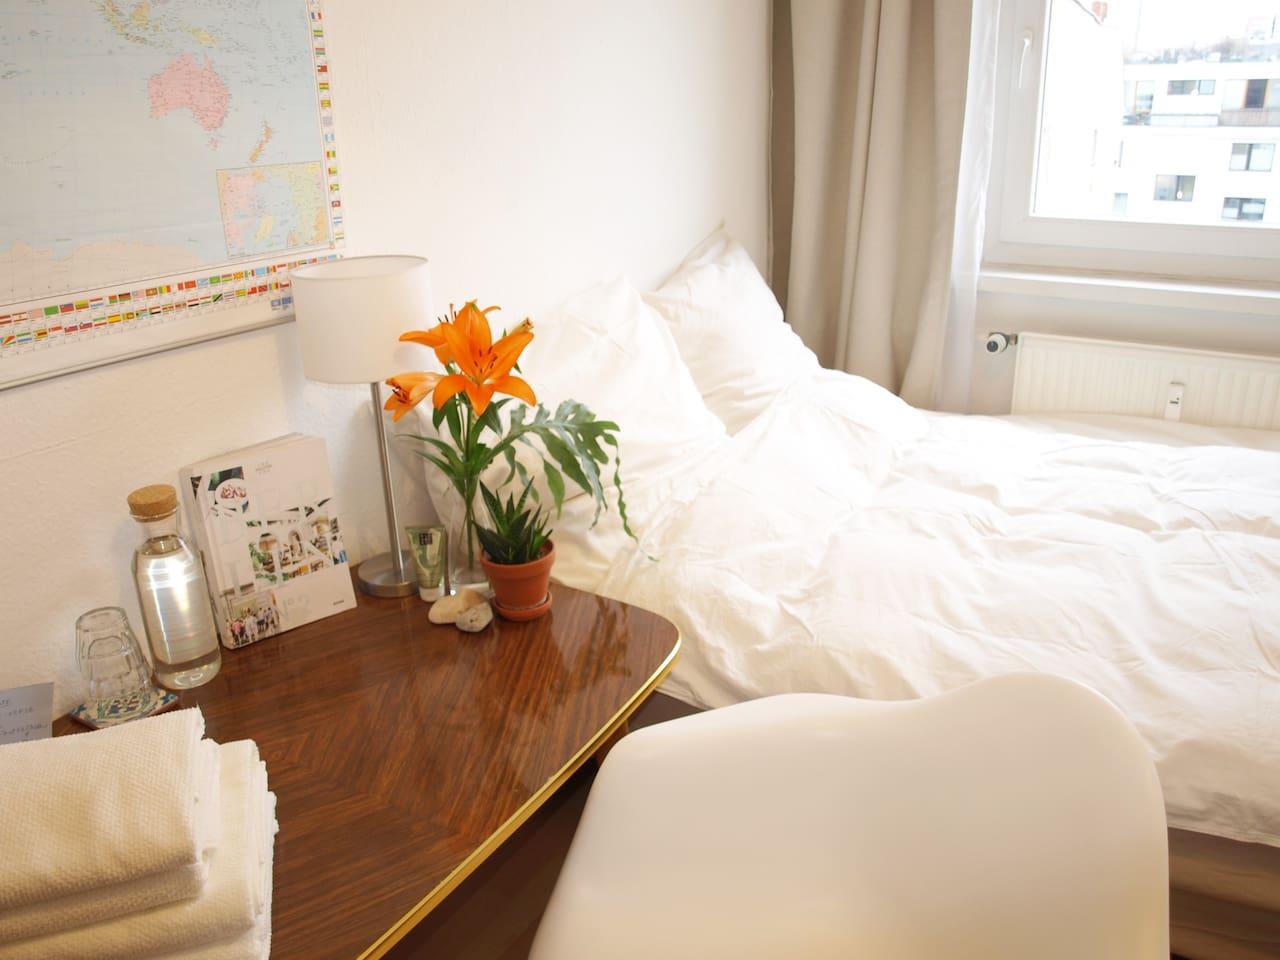 Dein gemütliches Zimmer direkt am Rosenthaler Platz! Ruhig, hell, warme Decken. Frische Handtücher!